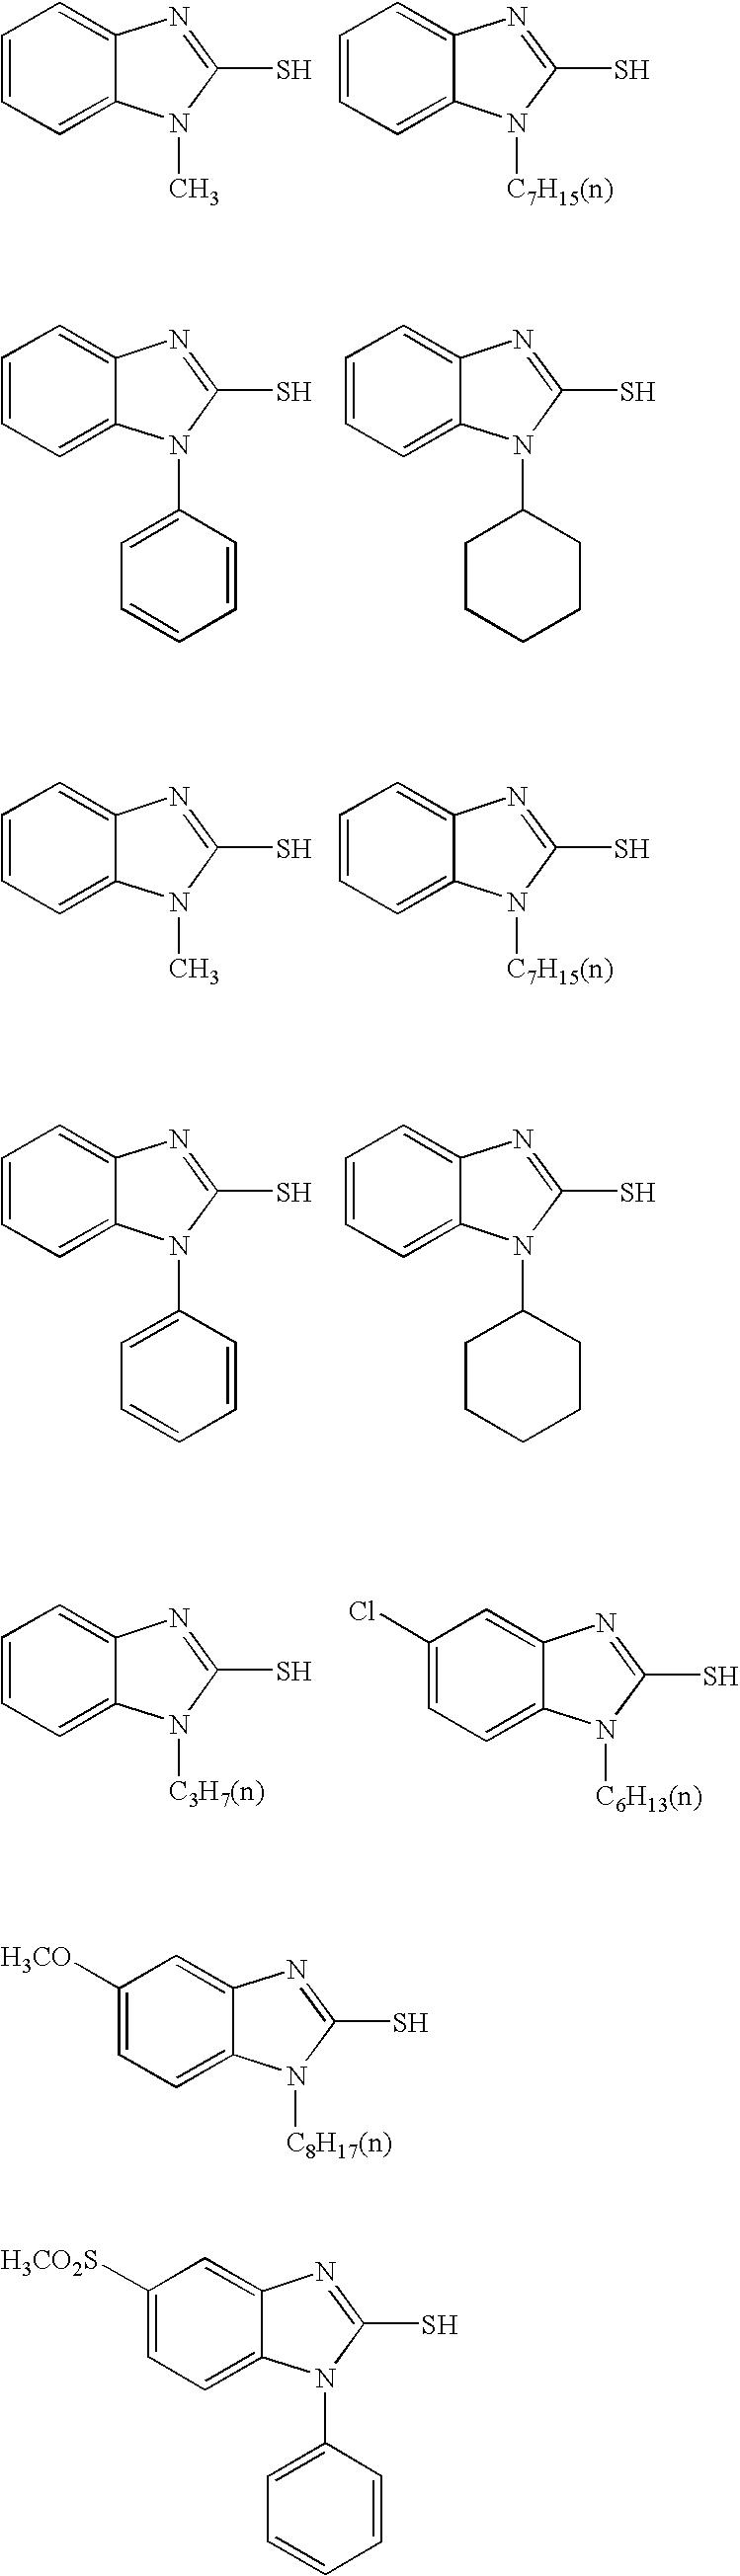 Figure US20070212641A1-20070913-C00180